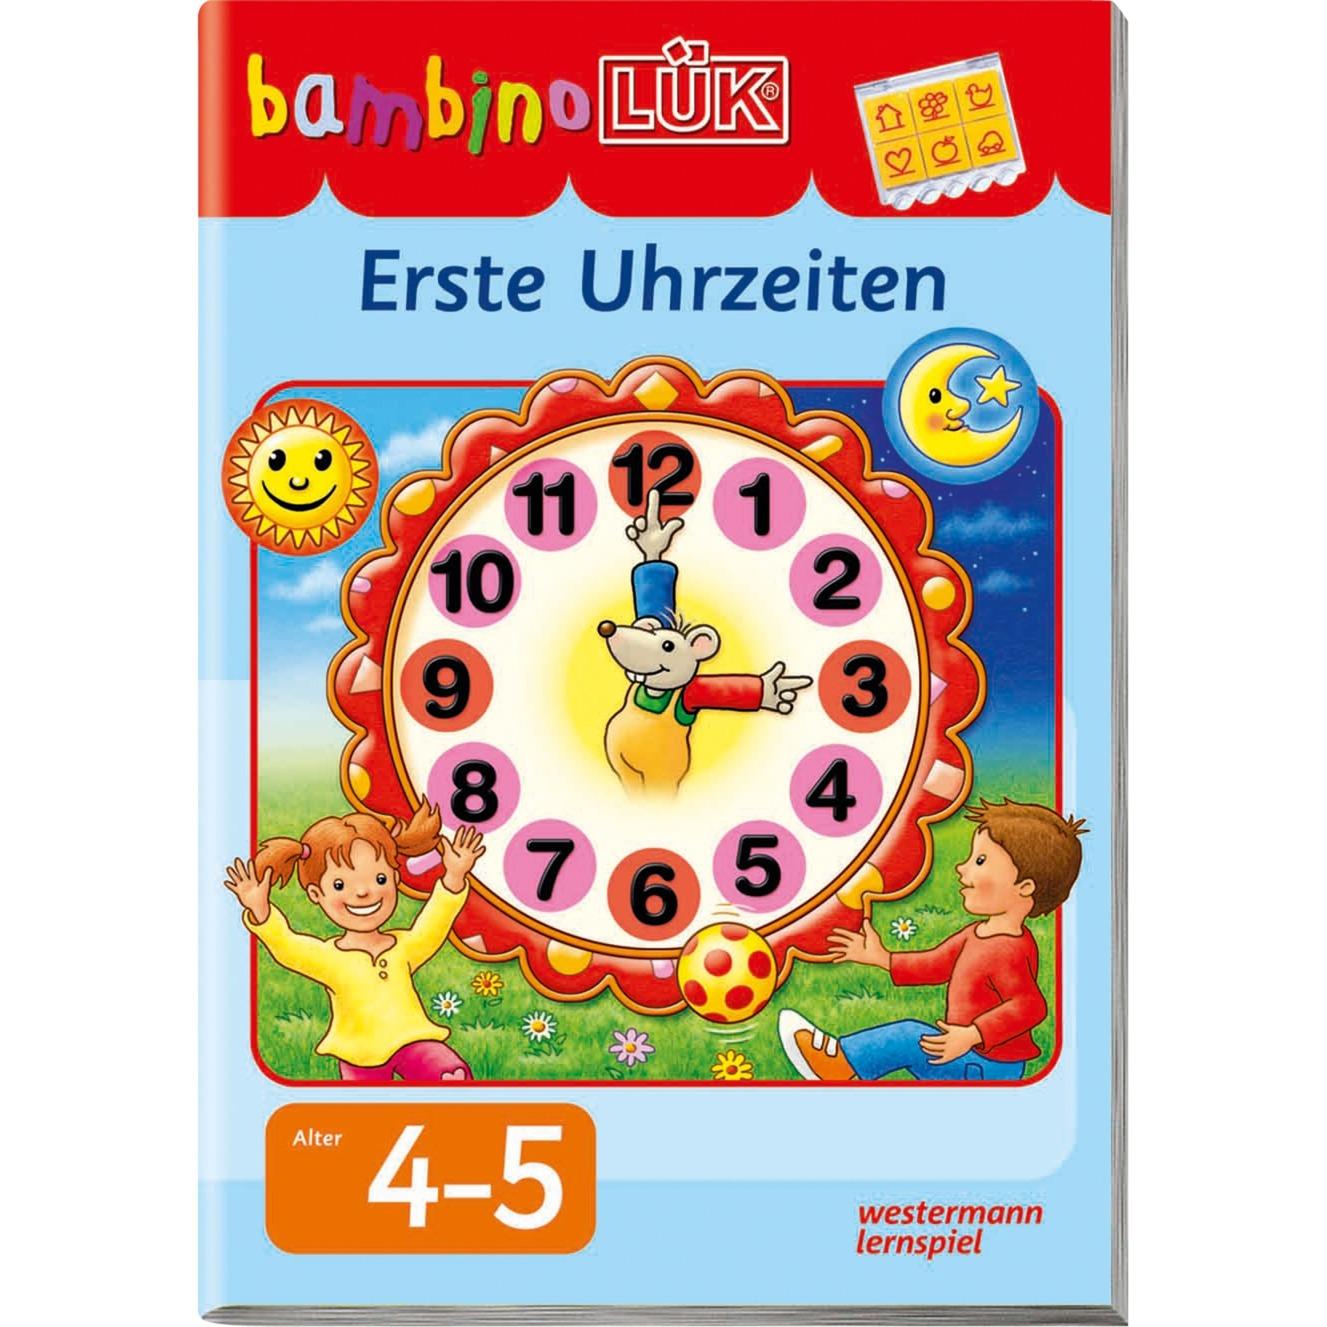 bambinoLÜK Erste Uhrzeiten livre pour enfants, Manuel